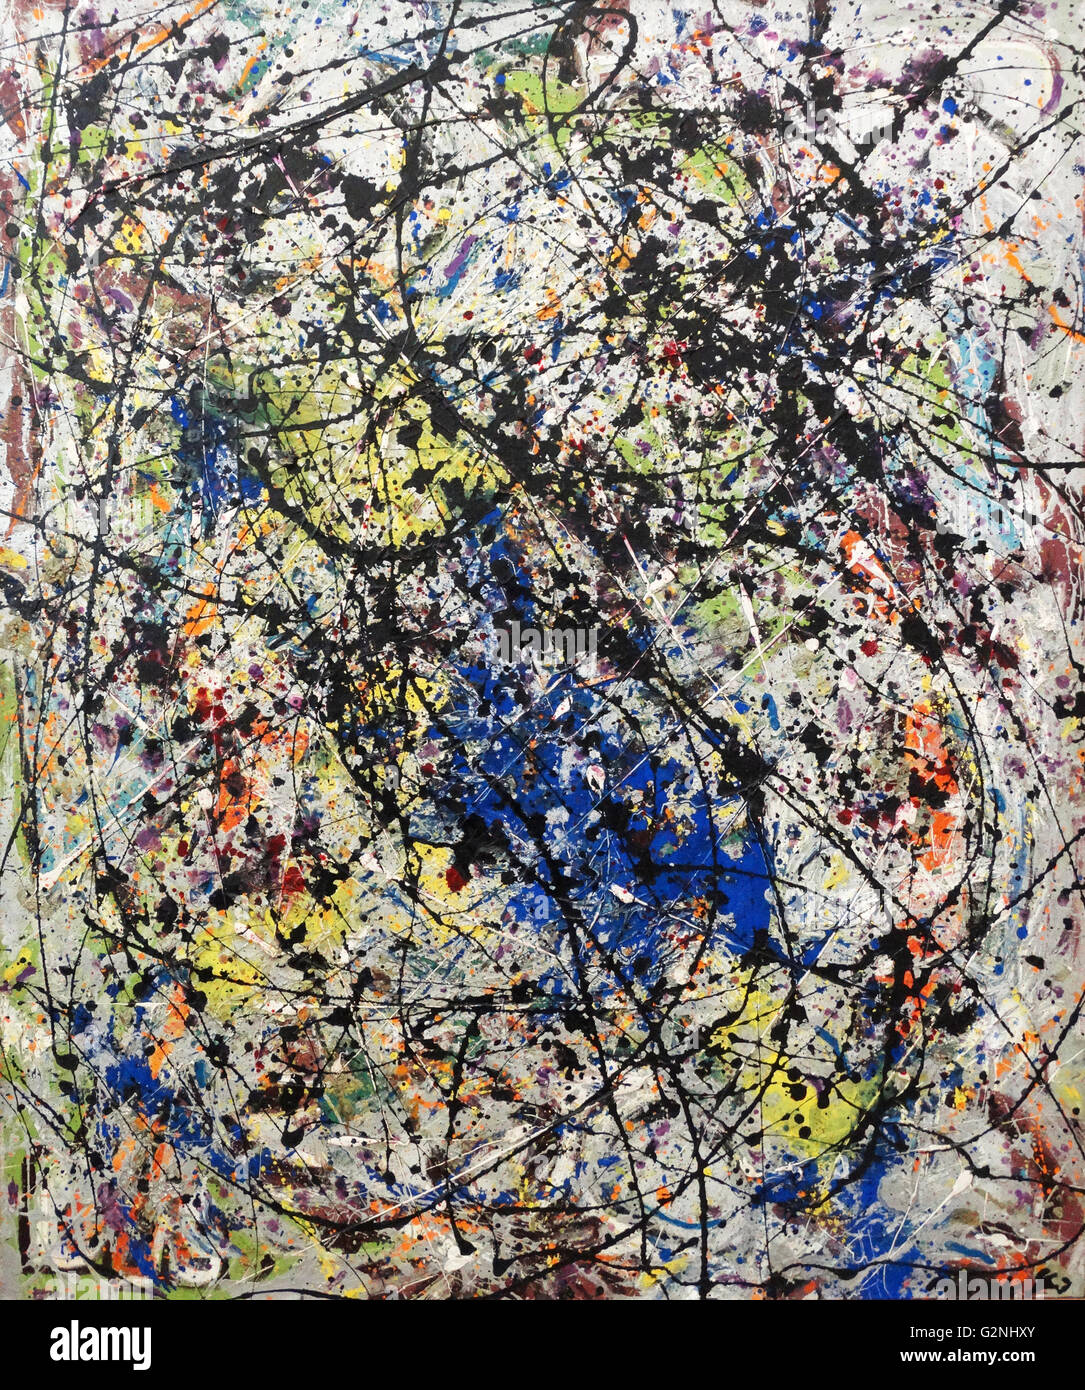 Reflet De La Grande Ourse Peinture Sur Toile Par Jackson Pollock 1912 1956 Est Un Peintre Americain Avec Une Figure Majeure De L Expressionnisme Abstrait Il Etait Bien Connu Pour Son Style Unique De